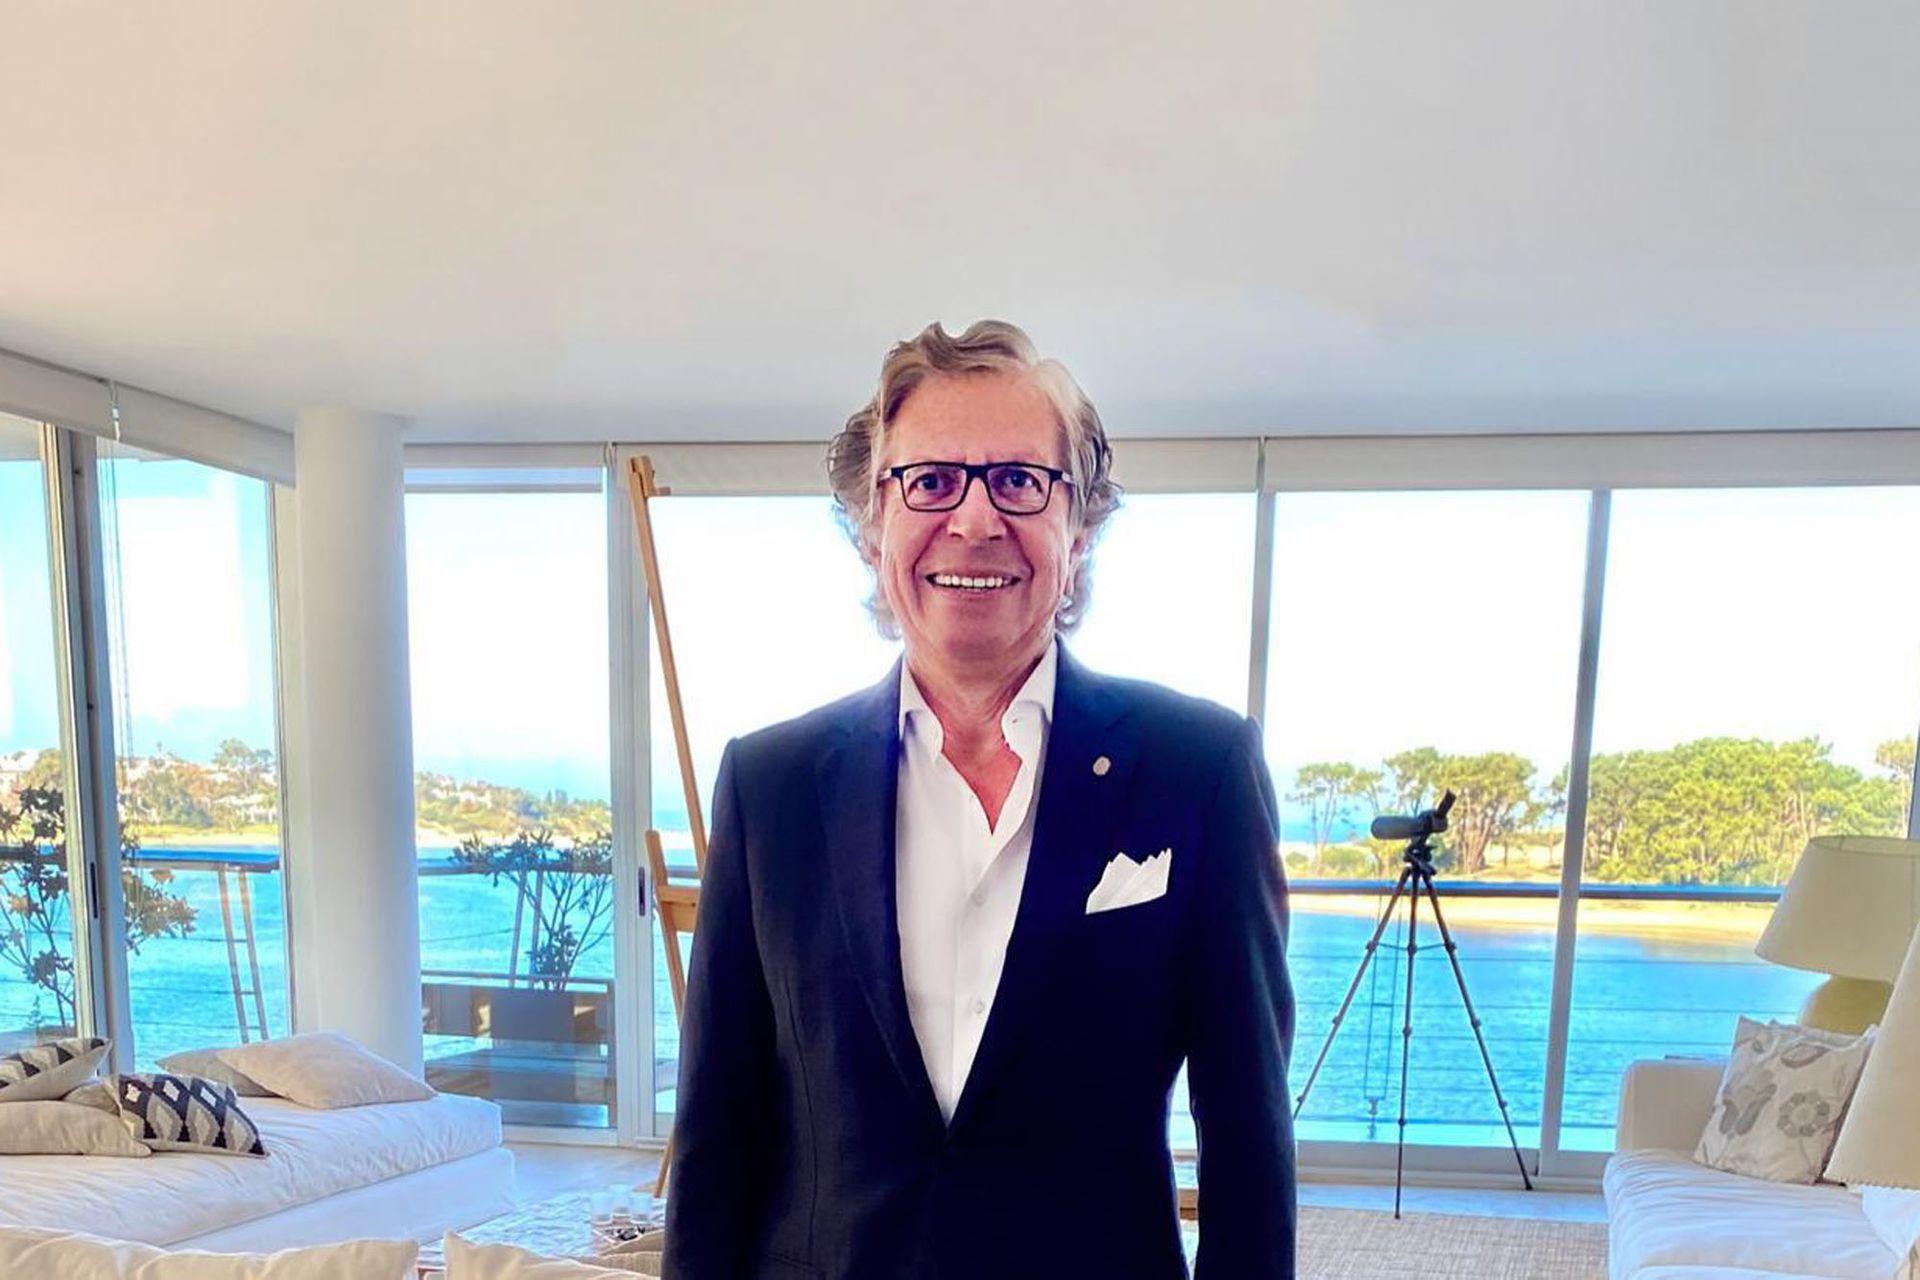 El empresario García Rosa se mudó a Uruguay y destaca la vida que lleva en el vecino país